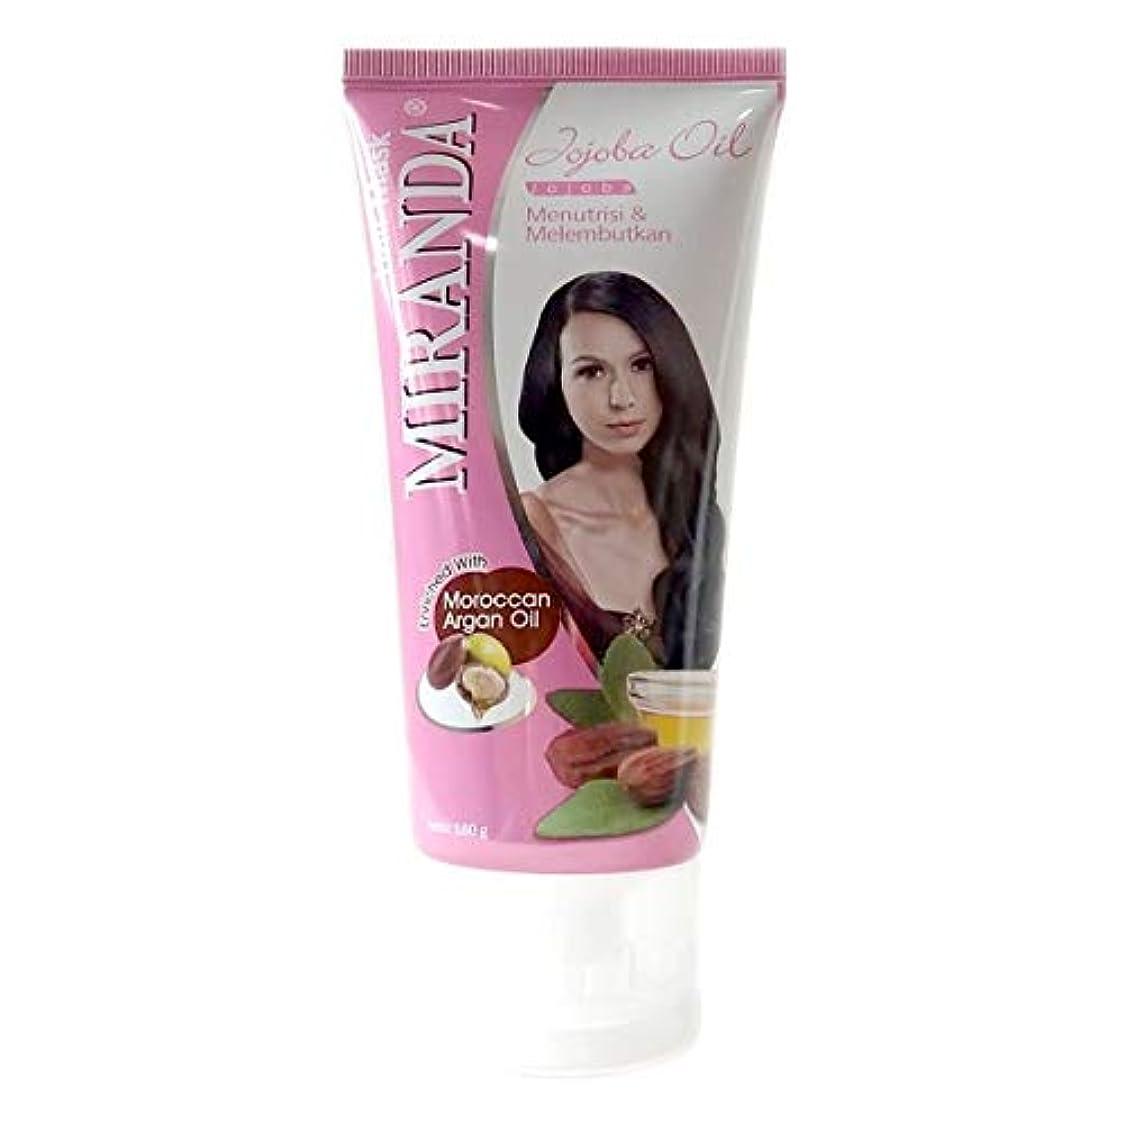 ジレンマ金属軸MIRANDA ミランダ Hair Mask ヘアマスク モロッカンアルガンオイル主成分のヘアトリートメント 160g Jojoba oil ホホバオイル [海外直送品]